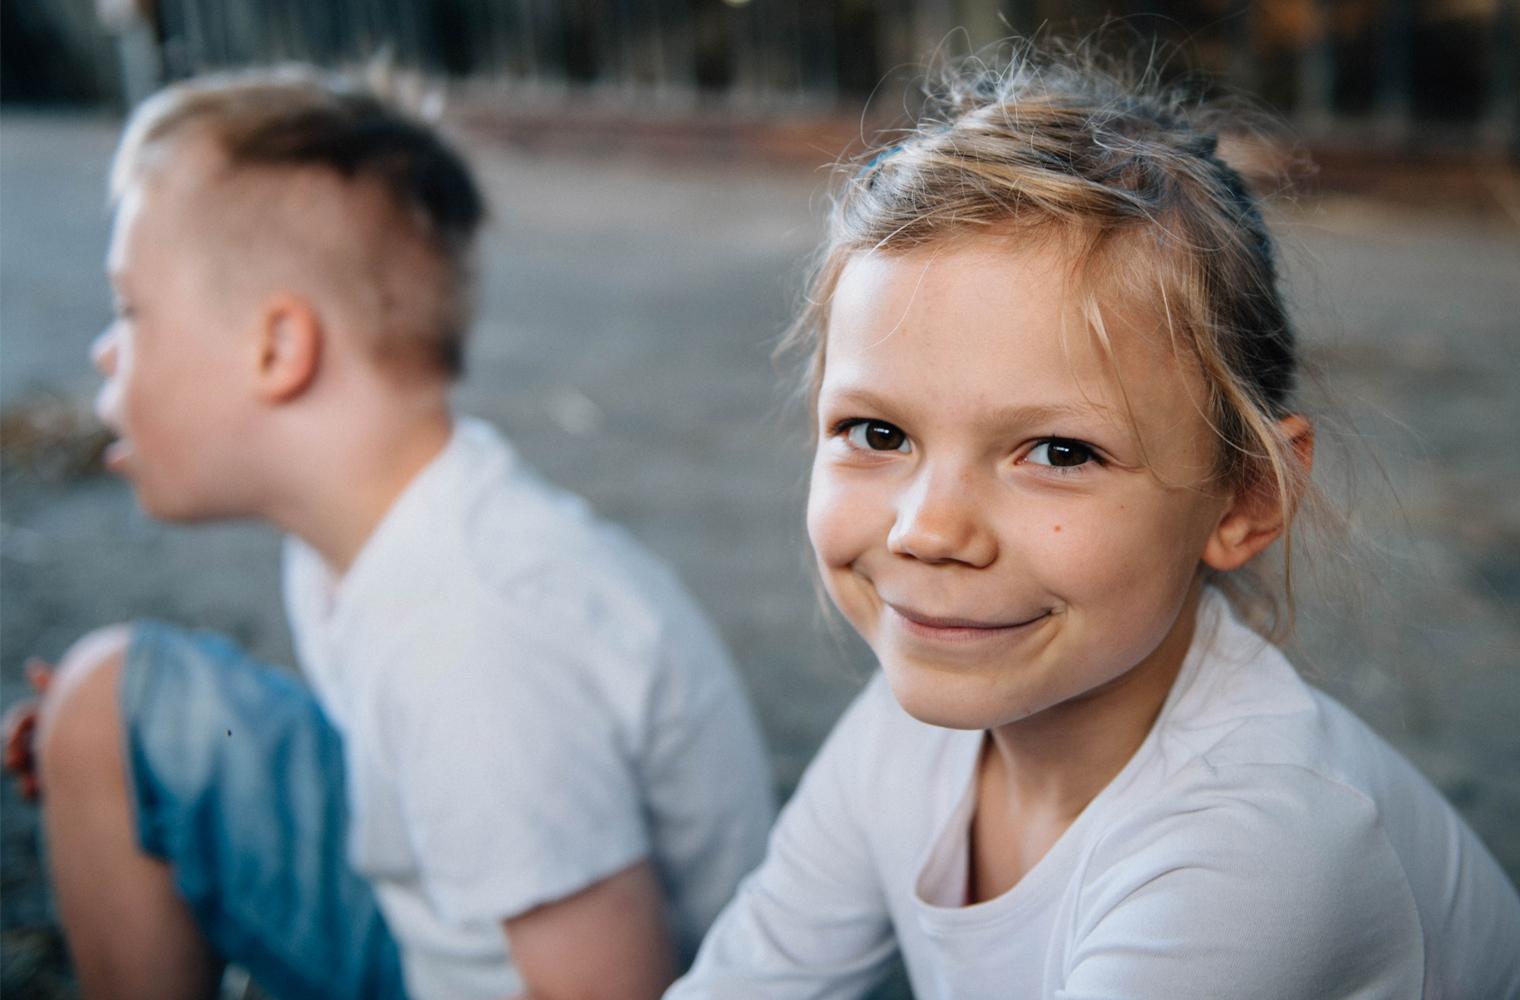 Geschwisterkinder, Foto: Kathrin Stahl